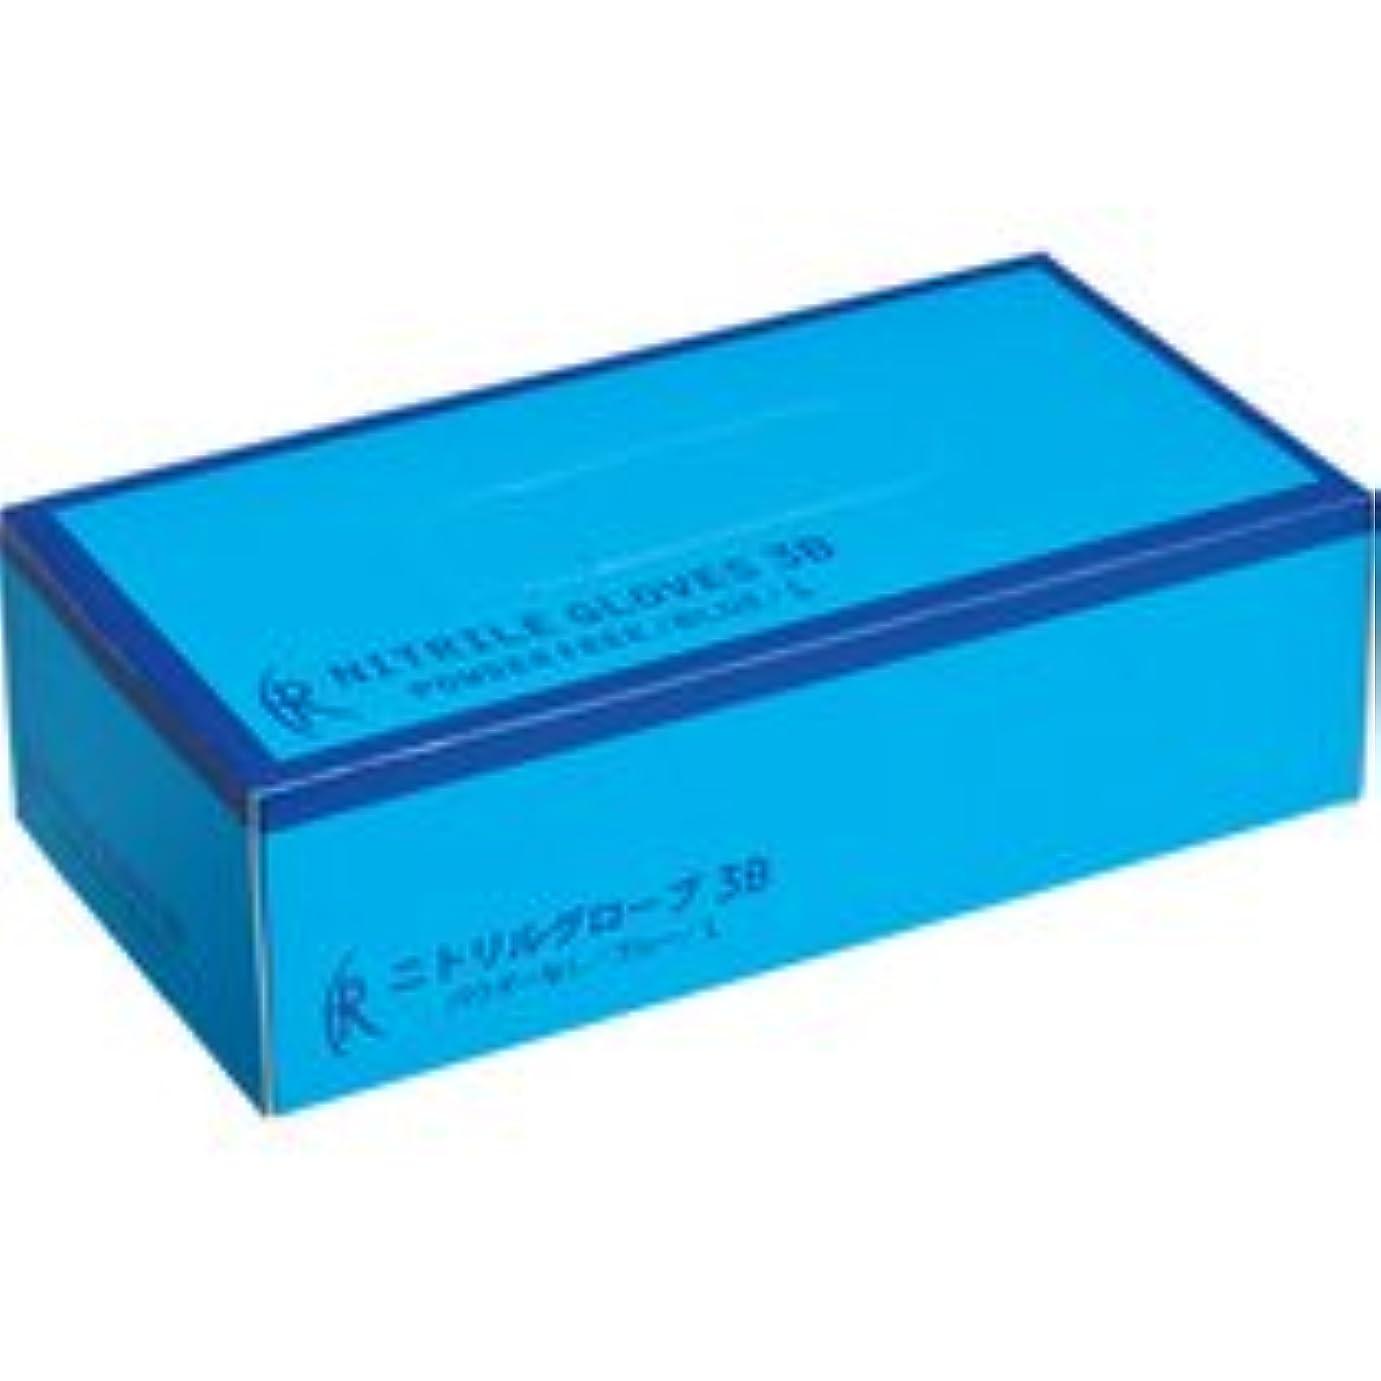 漏れめる盗難ファーストレイト ニトリルグローブ3B パウダーフリー L FR-5663 1箱(200枚)